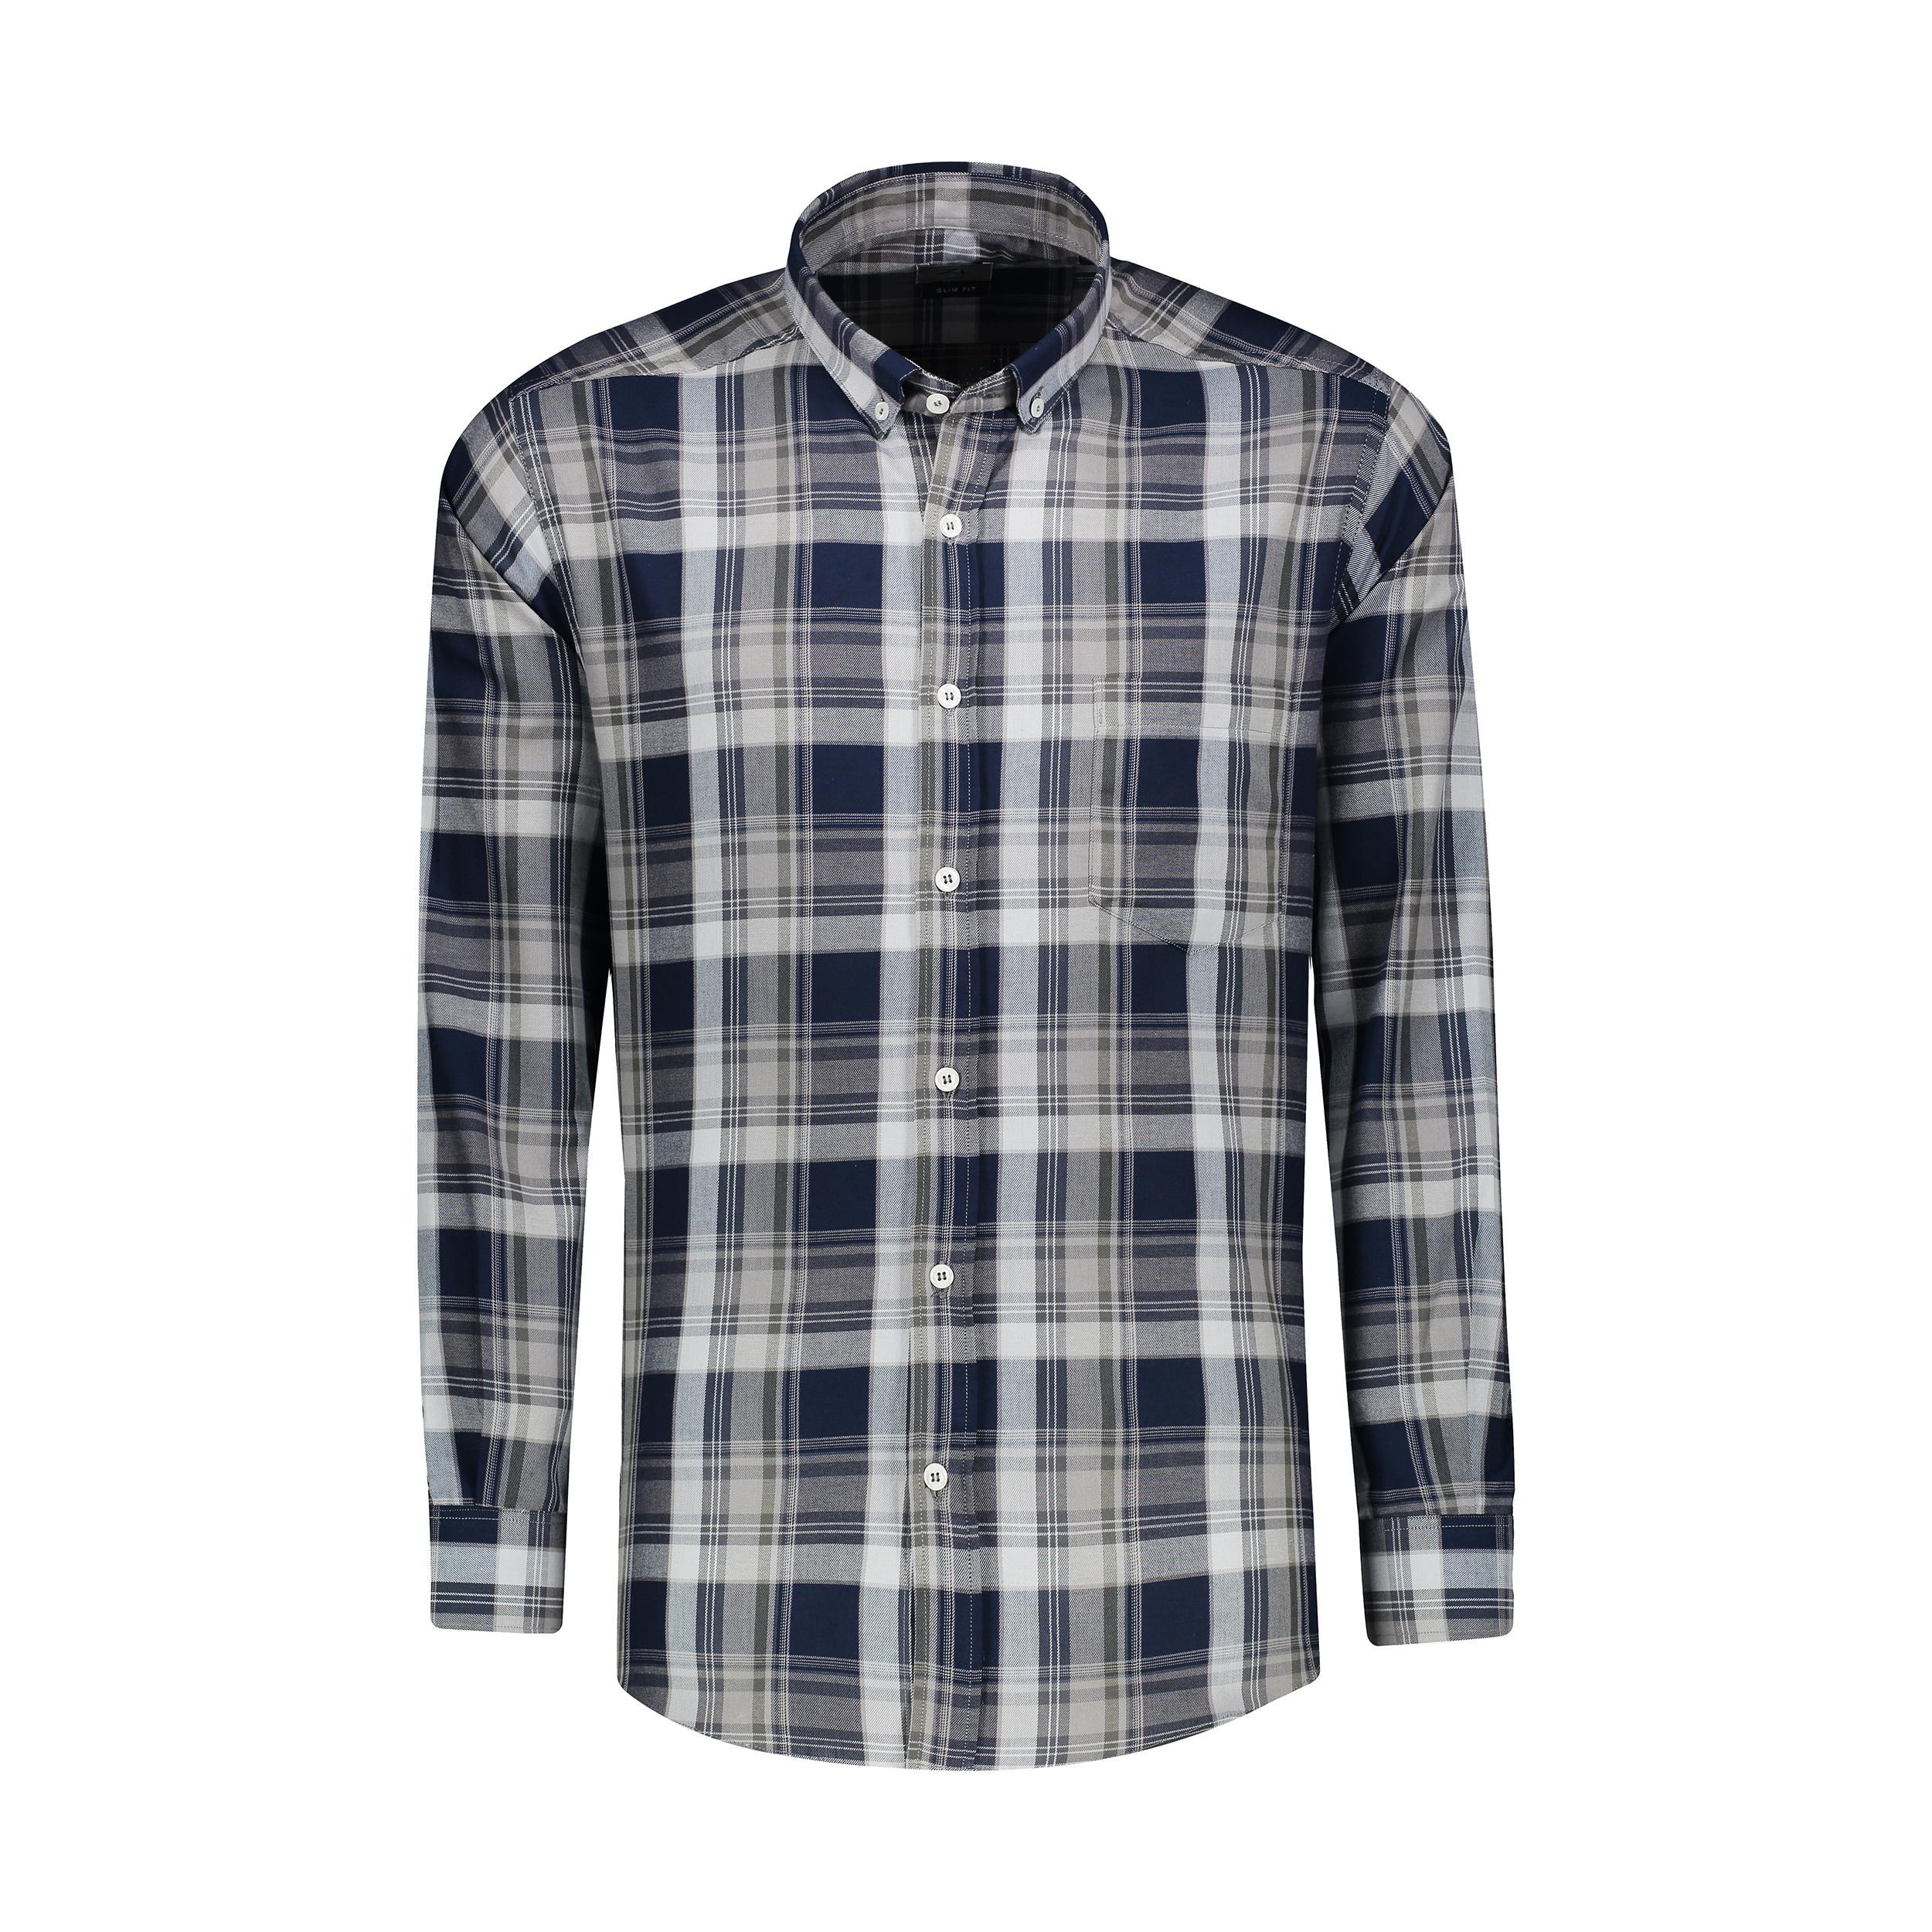 منتخب محصولات پرفروش پیراهن مردانه